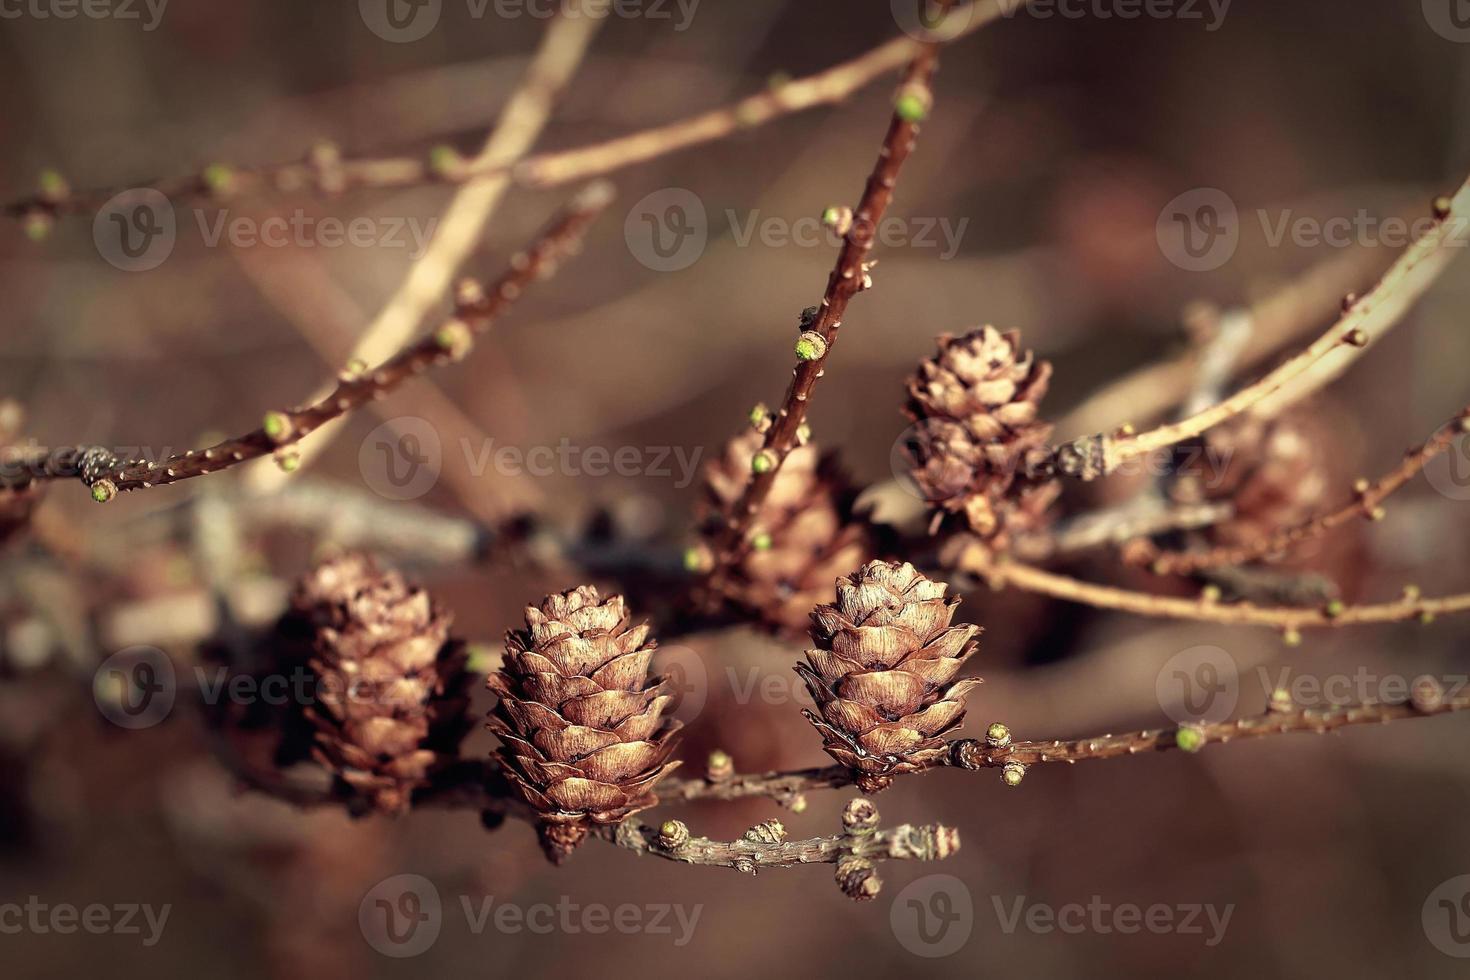 kottar på gren trä bakgrund. retro färgfilter foto